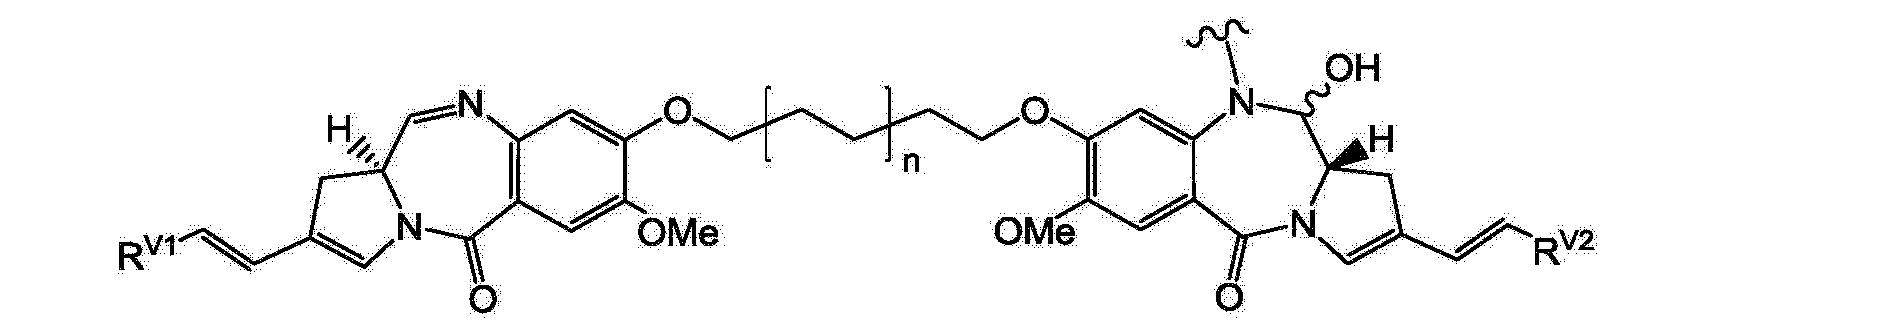 Figure CN104540524AC00042